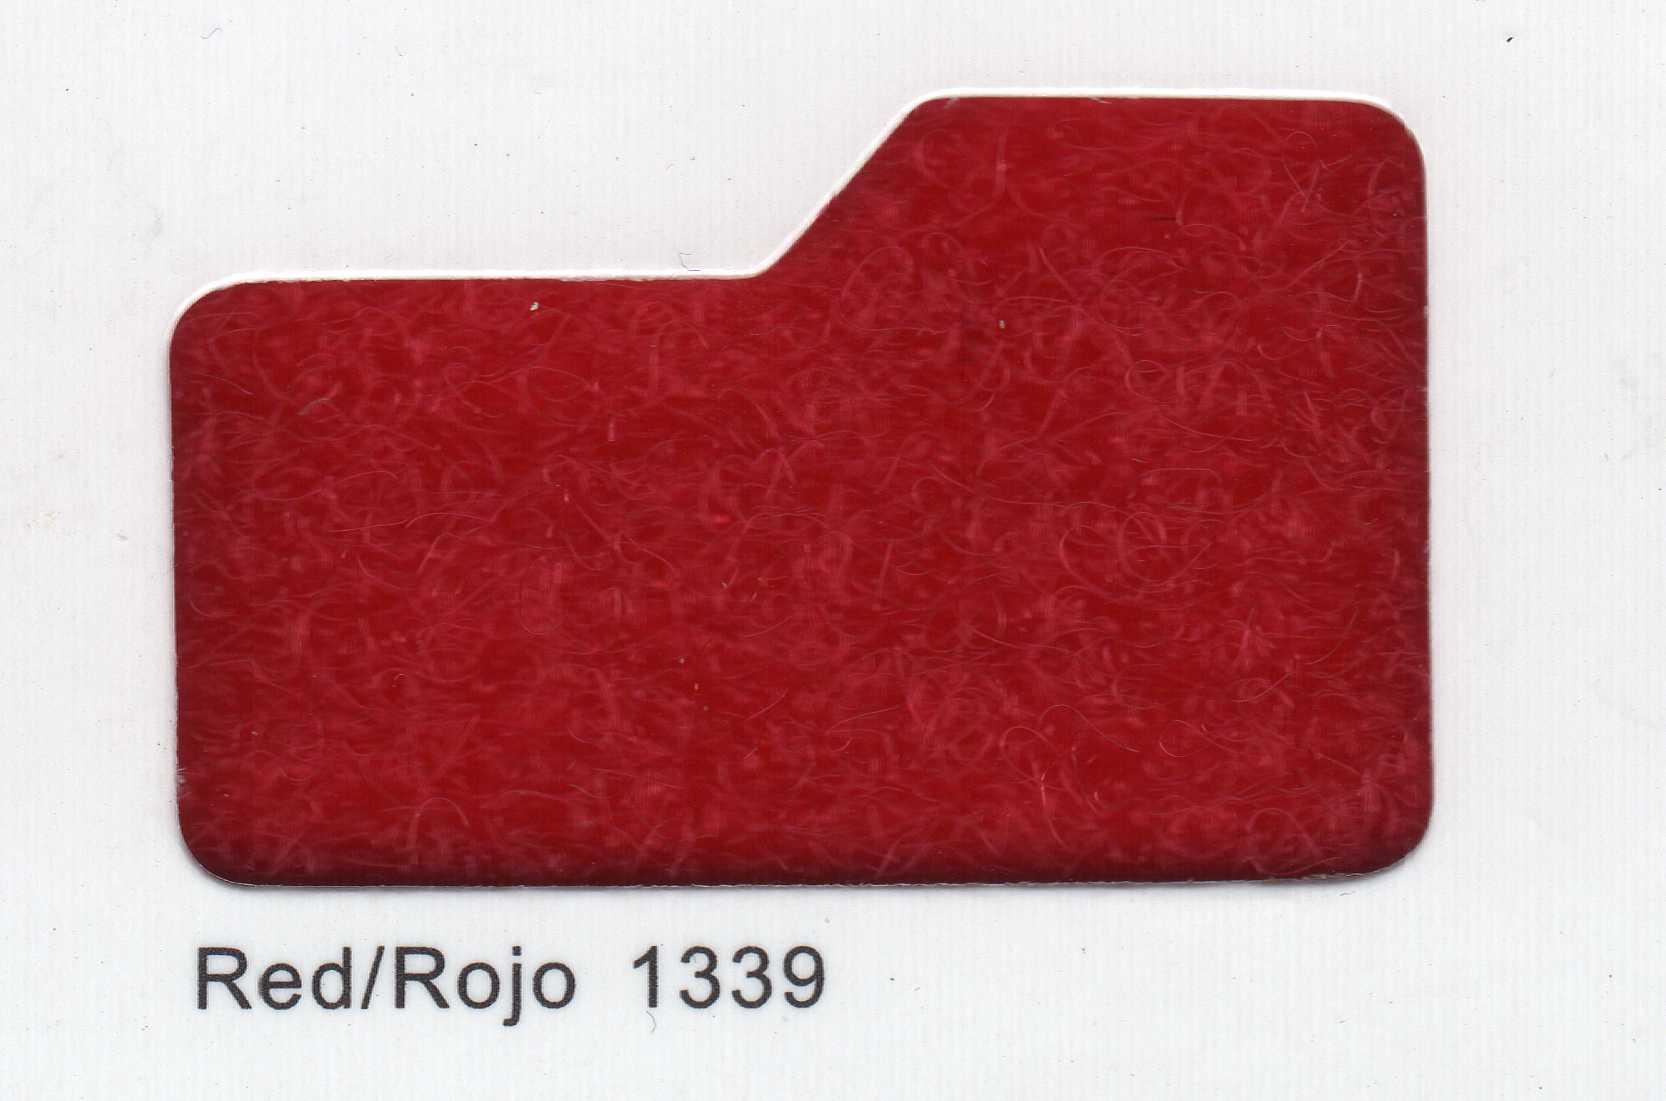 Cinta de cierre Velcro-Veraco 30mm Rojo 1339 (Gancho).